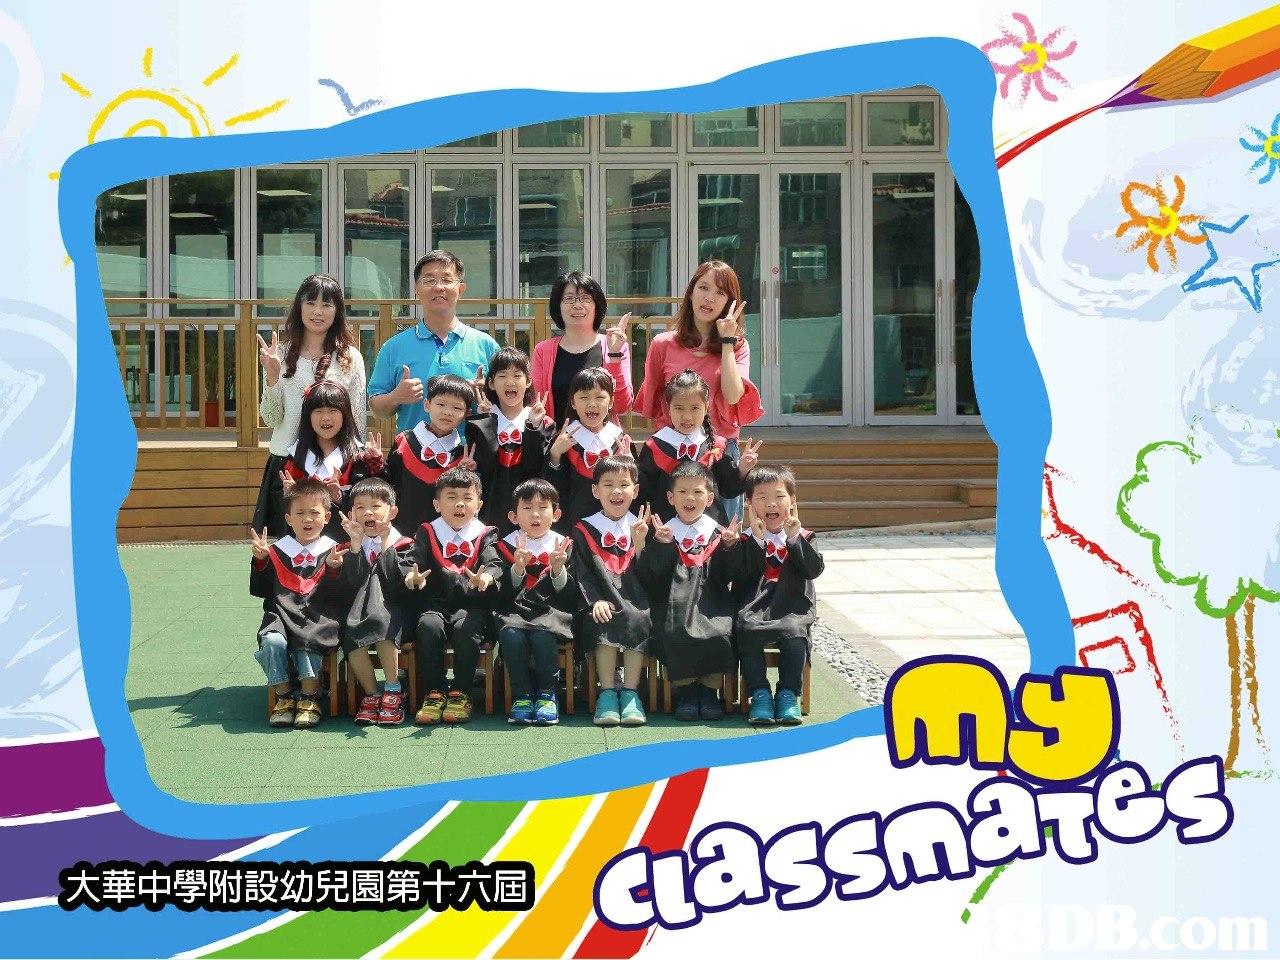 大華中學附設幼兒園第十六屆  Community,Team,School,Class,Private school